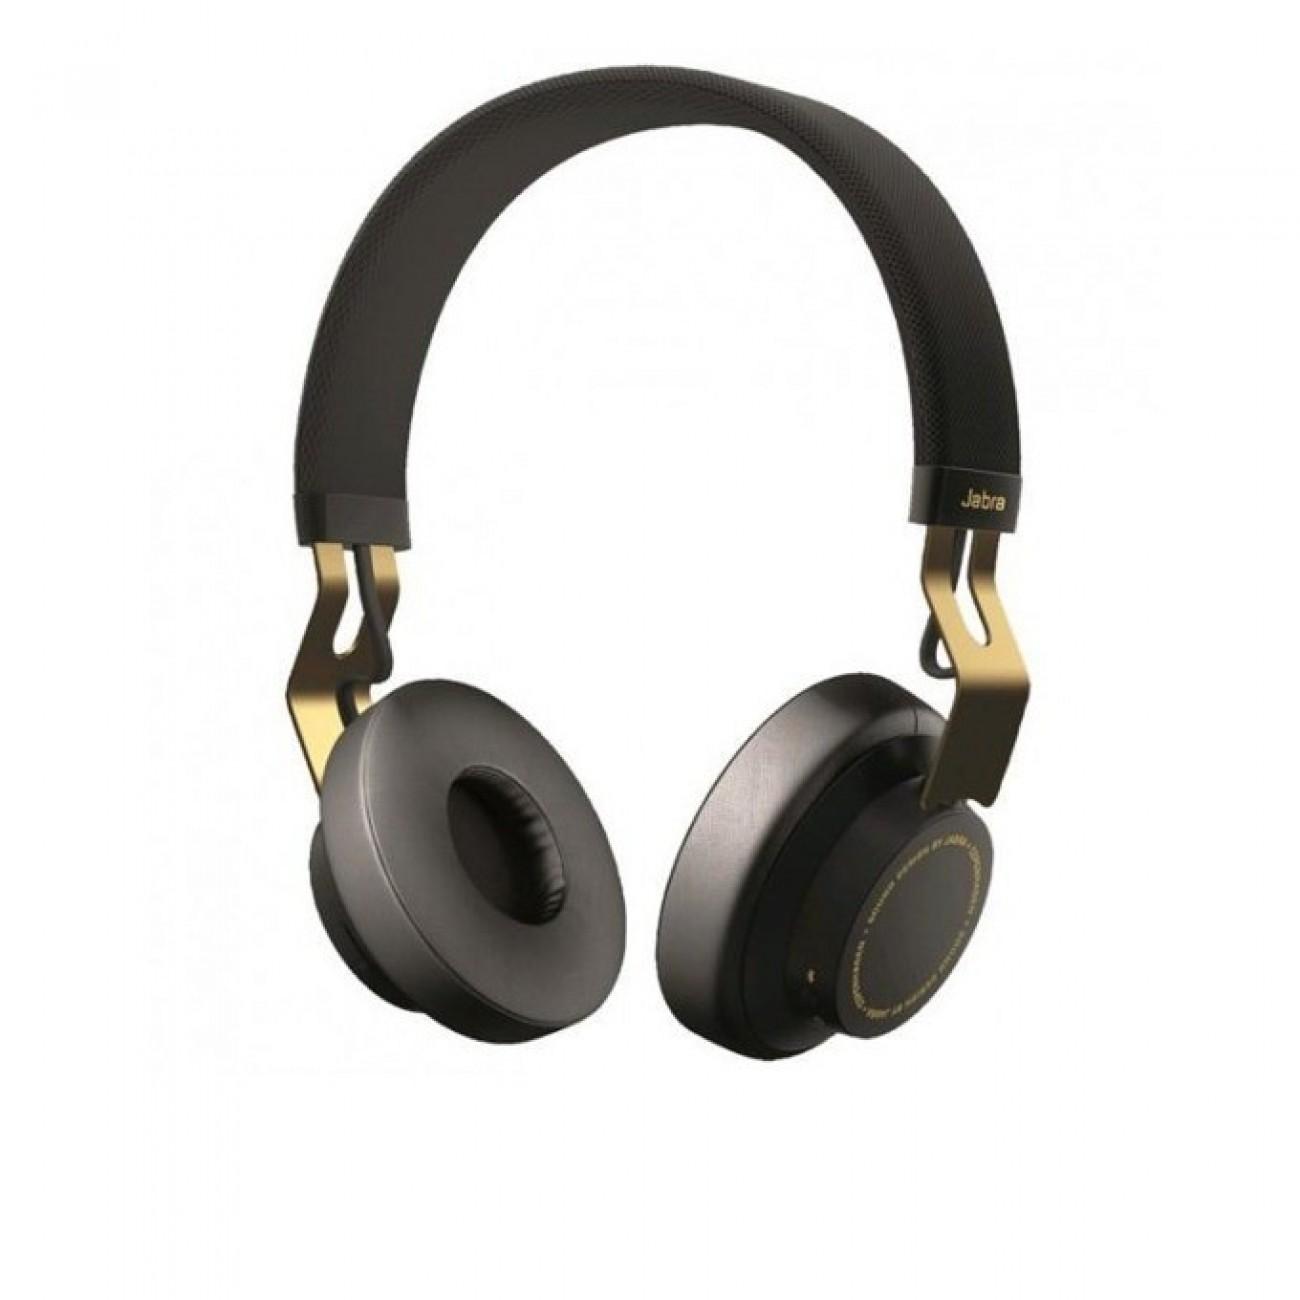 Слушалки Jabra, Move Coal, Bluetooth, добро качество на звука с дълбок бас, Златисти/Черни в Bluetooth аксесоари и Handsfree -  | Alleop